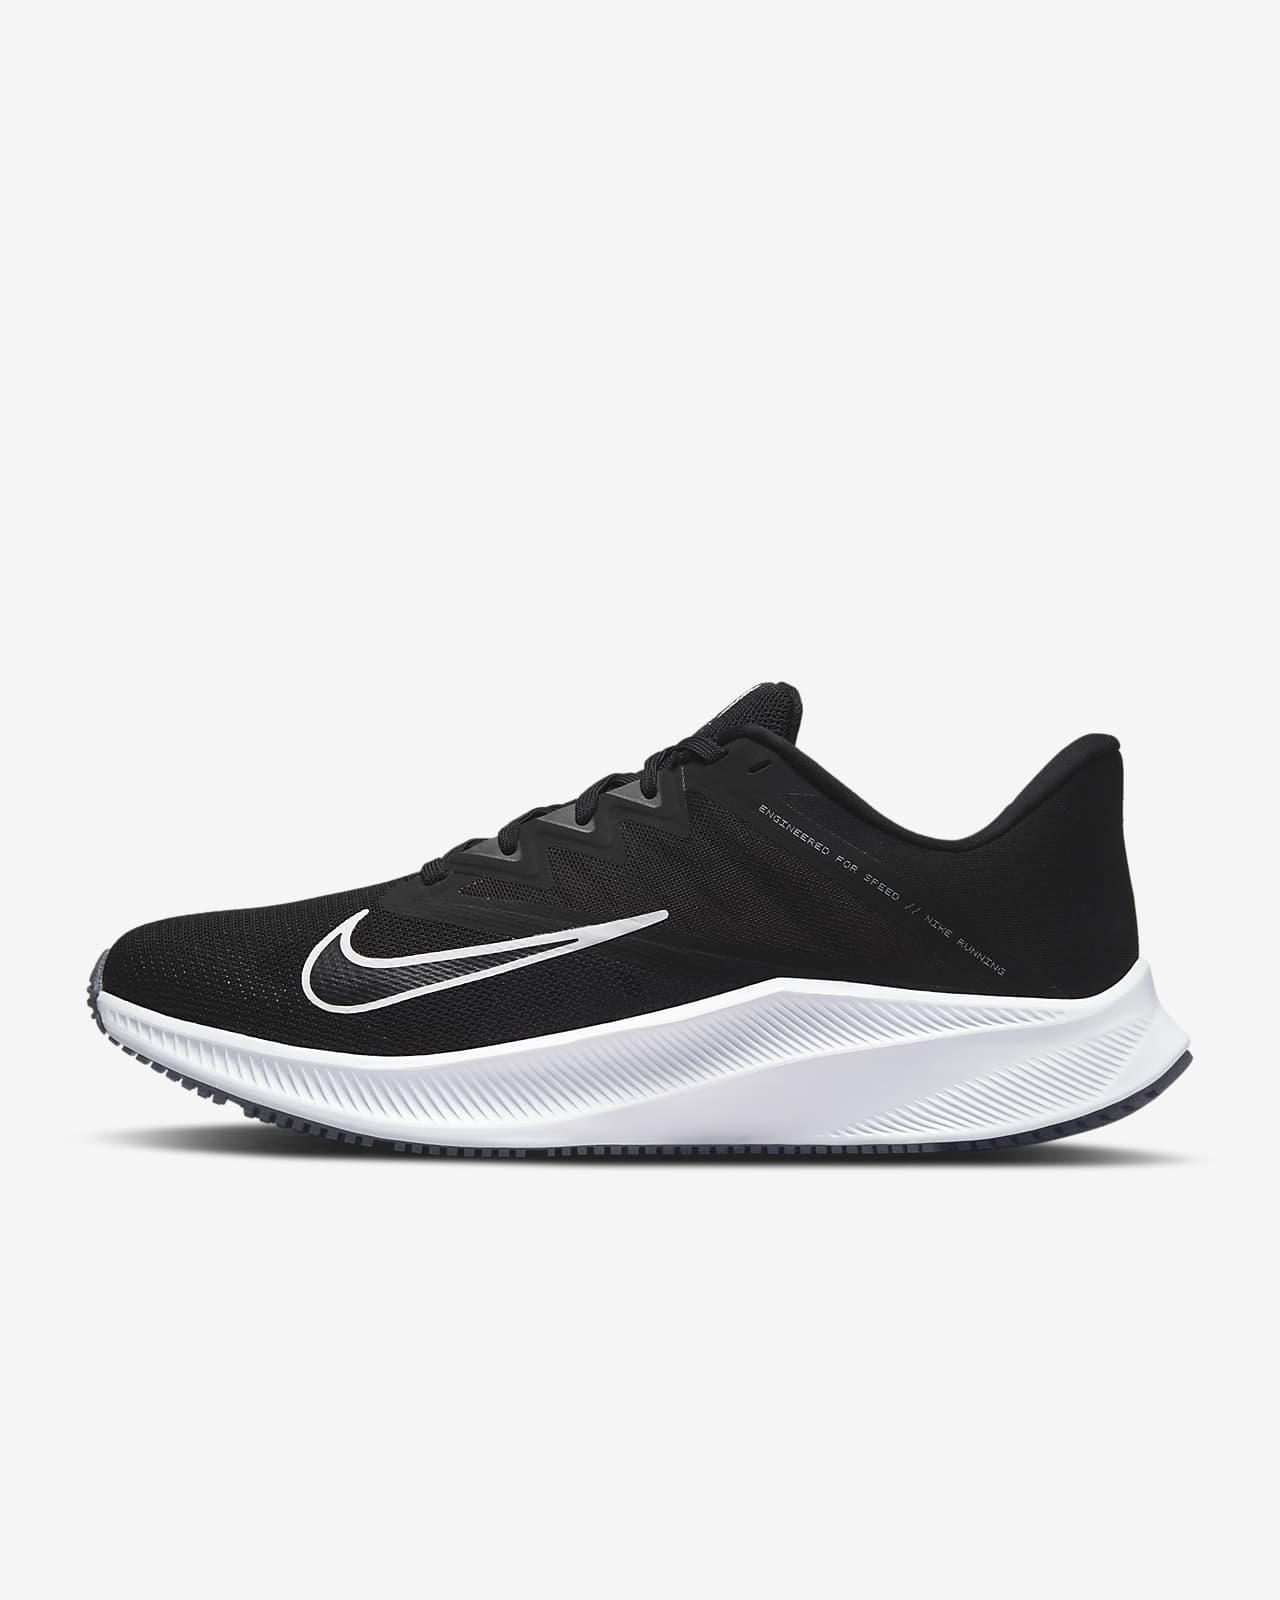 Nike Quest 3 Erkek Yol Koşu Ayakkabısı